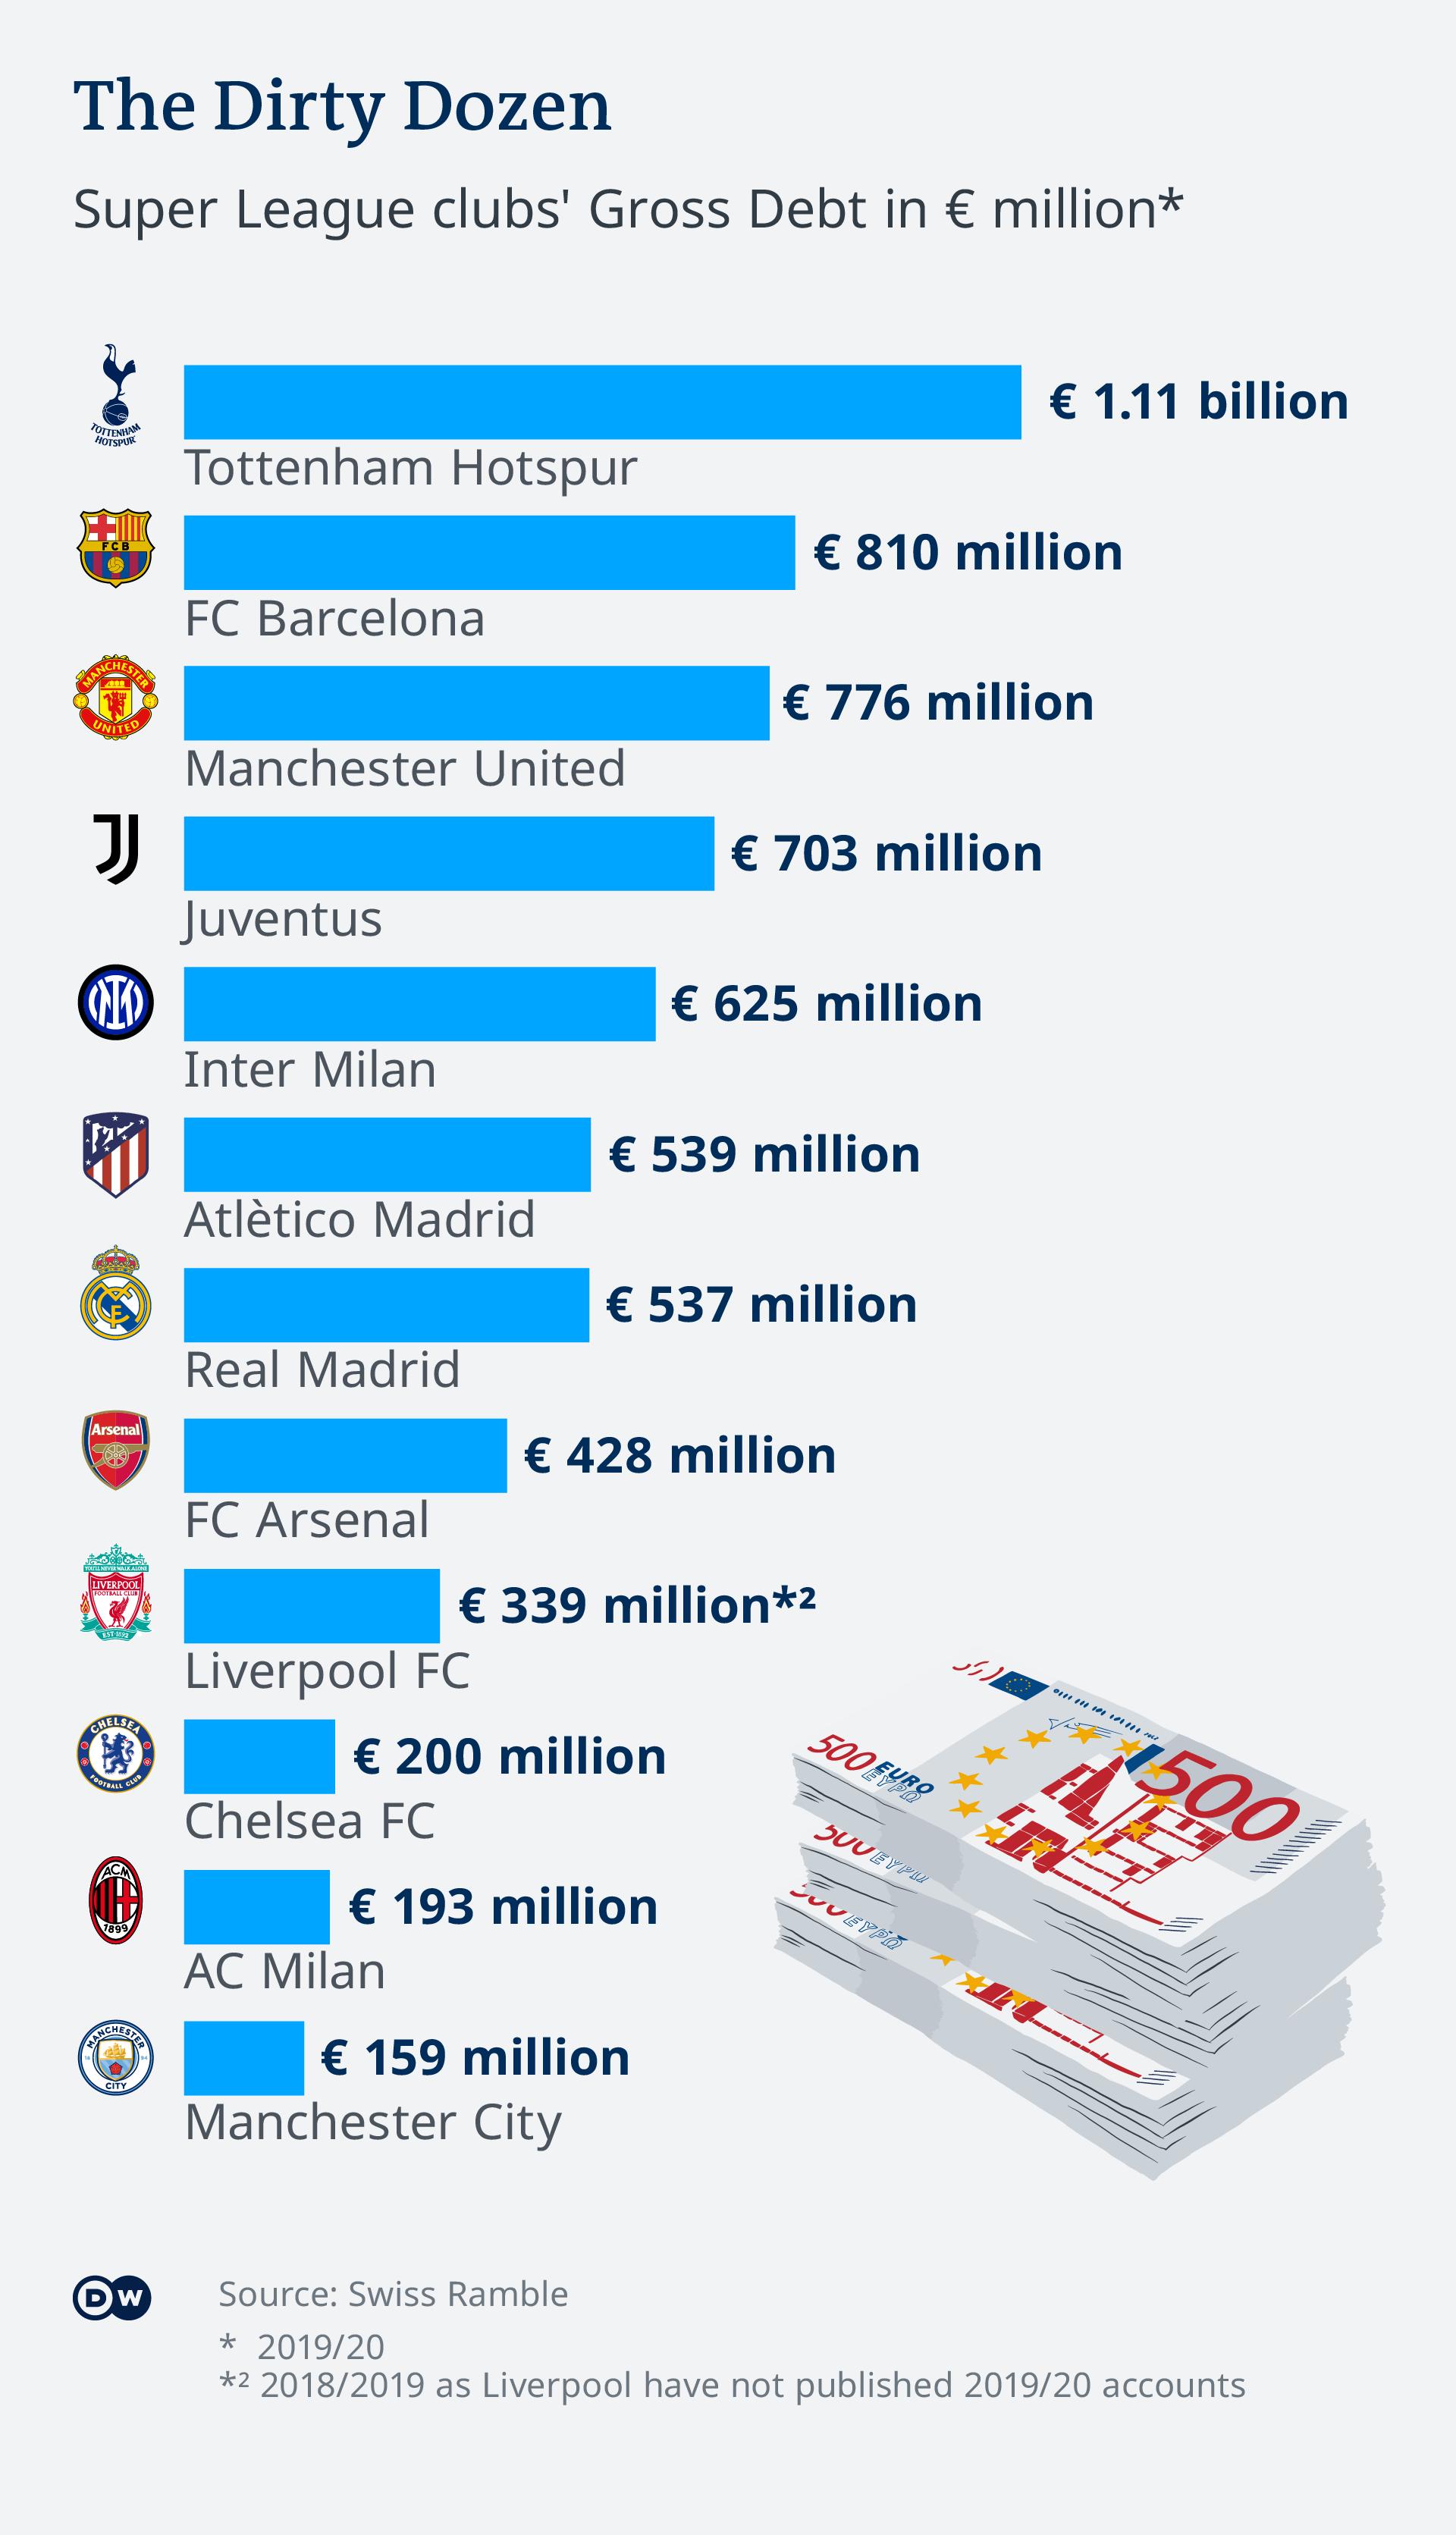 Super League clubs' gross debt